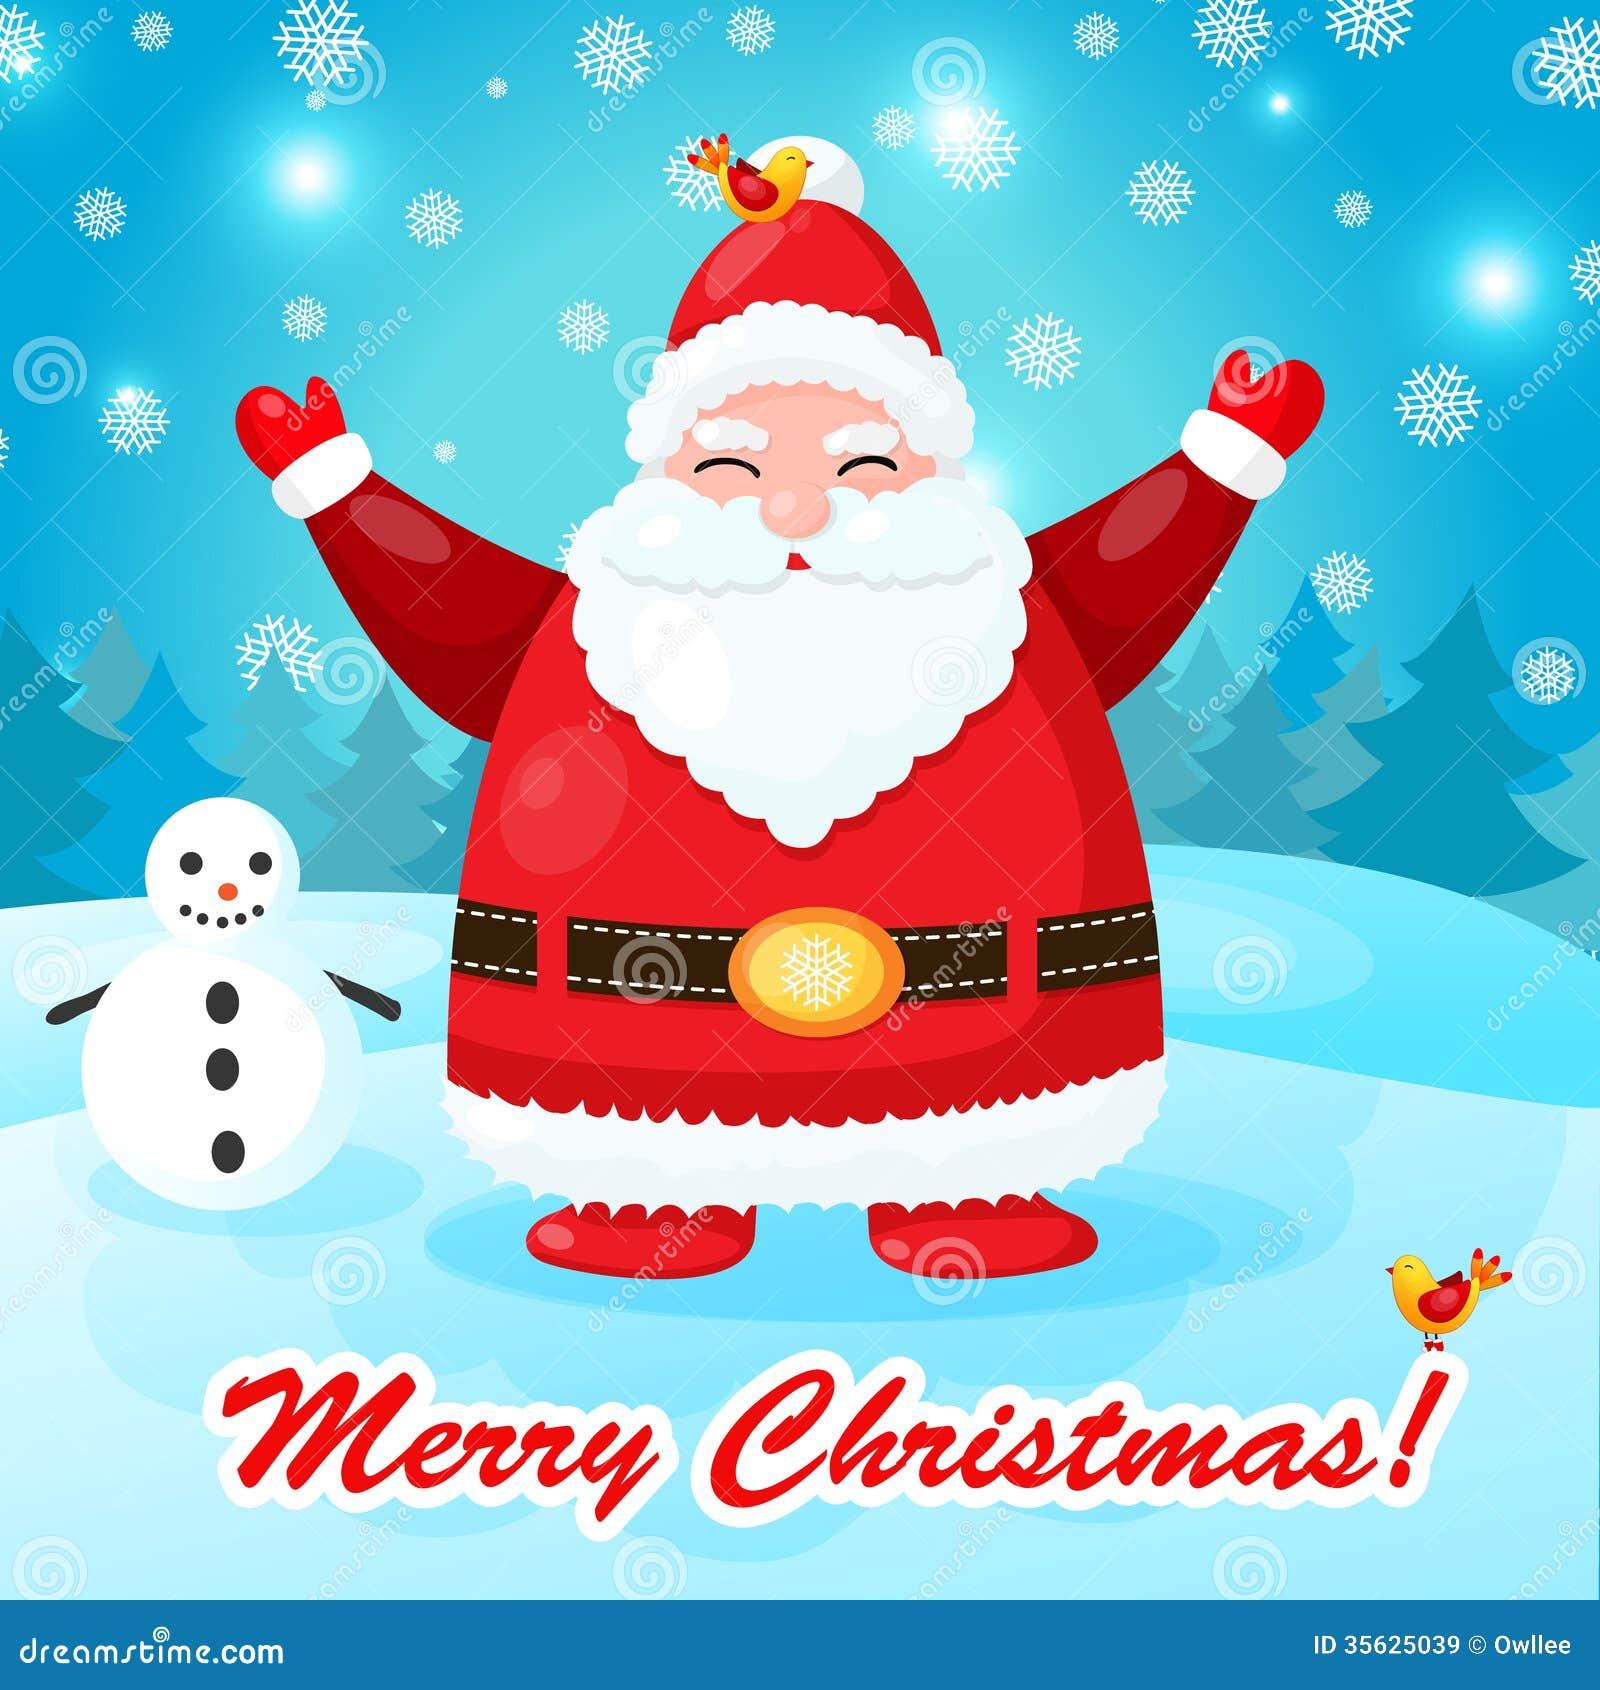 Rolig och gullig julkort med jultomten